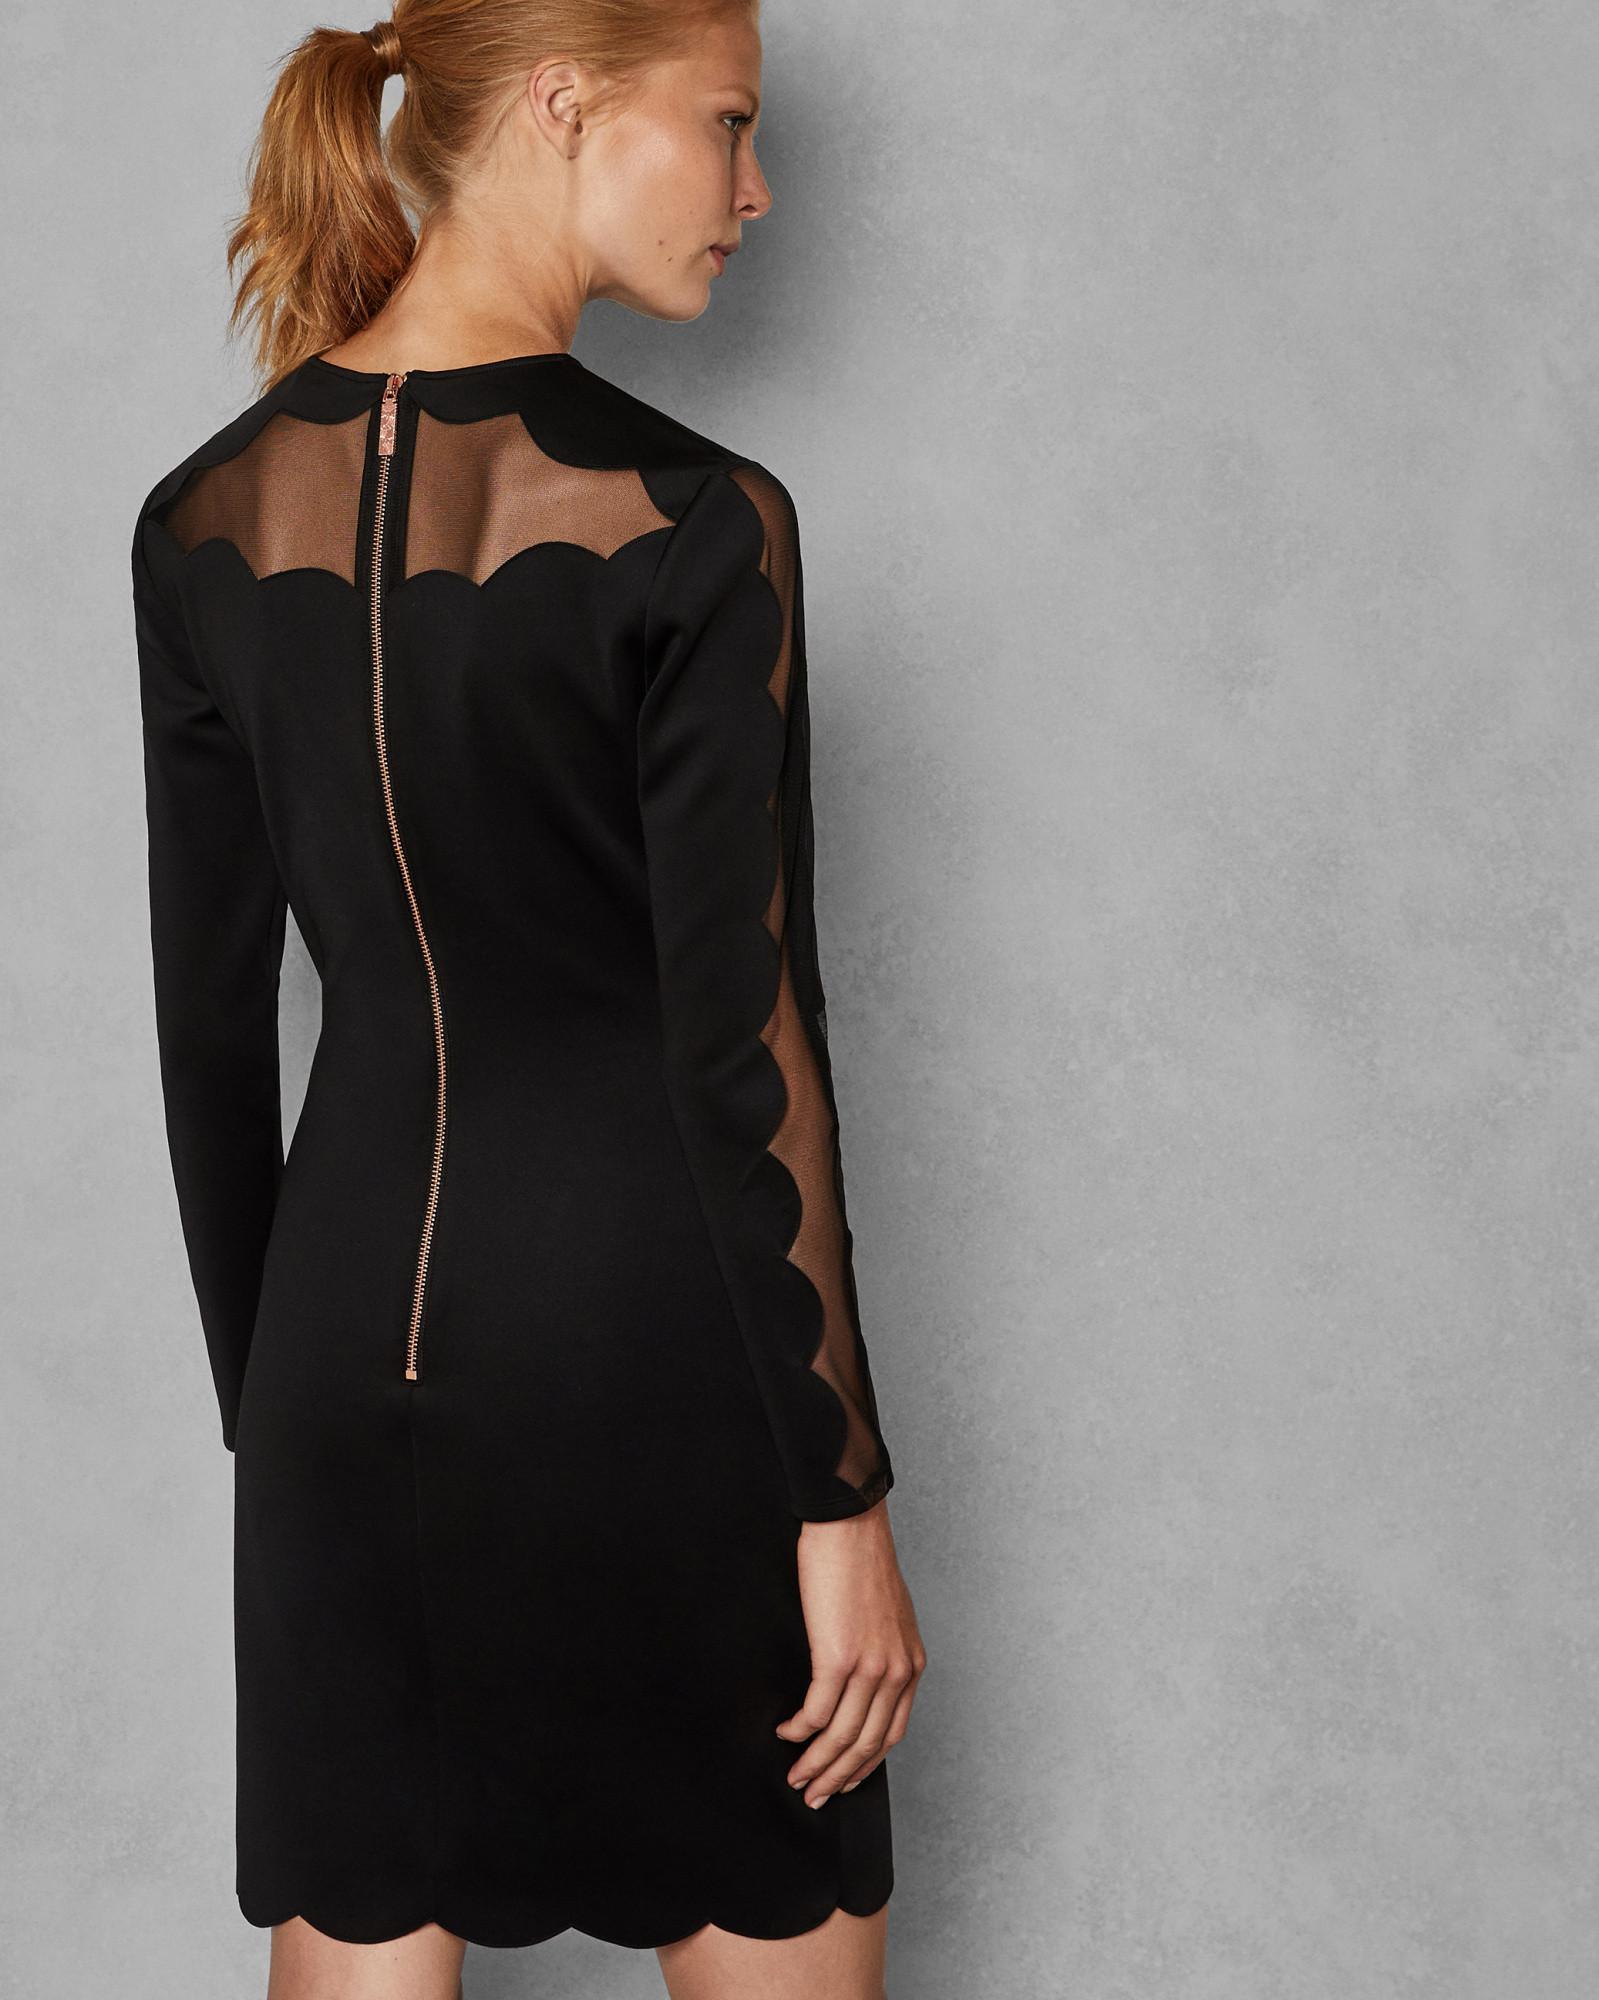 d056e3fb21a Ted Baker Joyous Bodycon Dress in Black - Lyst